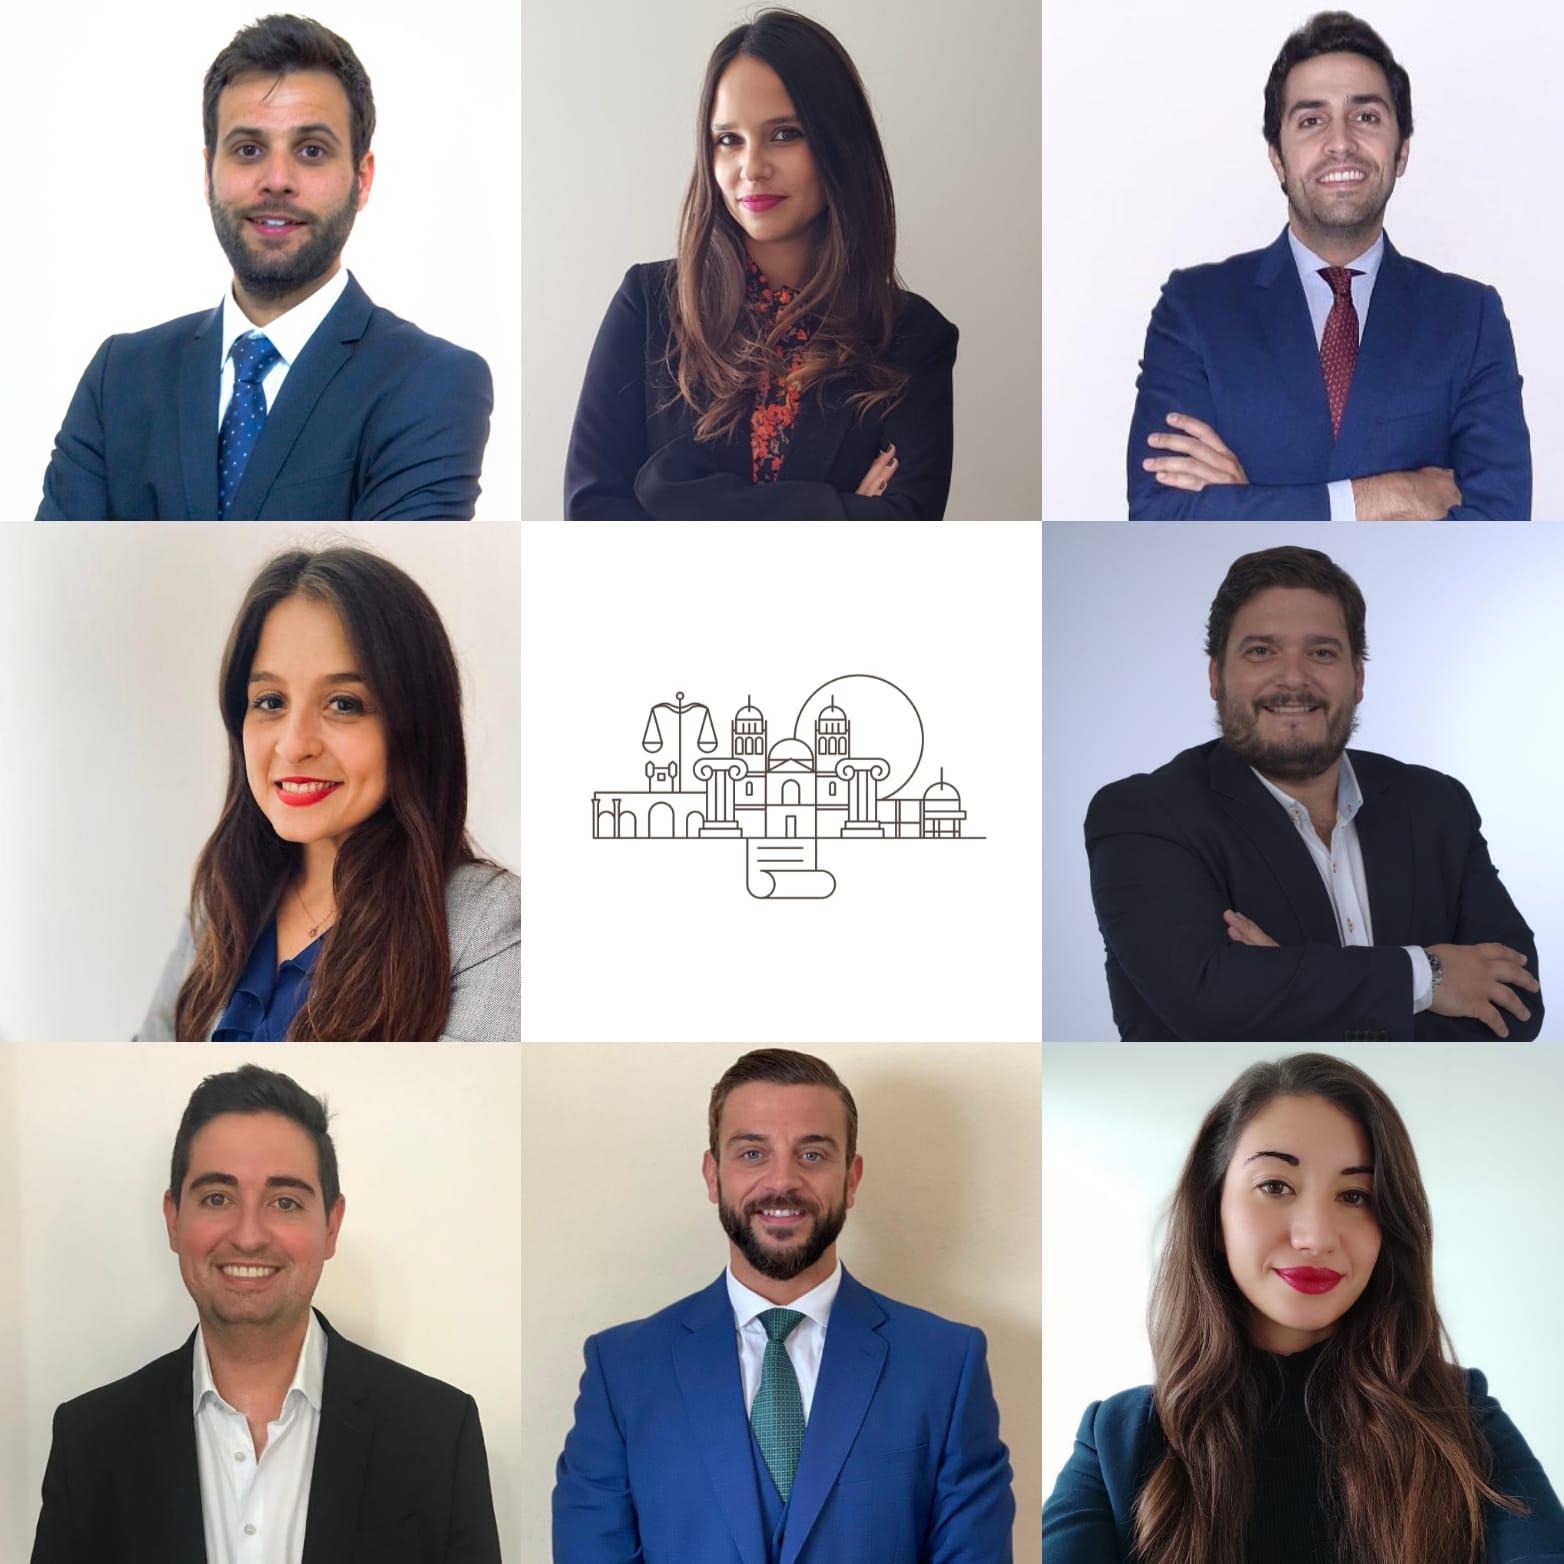 La Asociación De Jóvenes Abogados De Cádiz Estrena Nueva Directiva